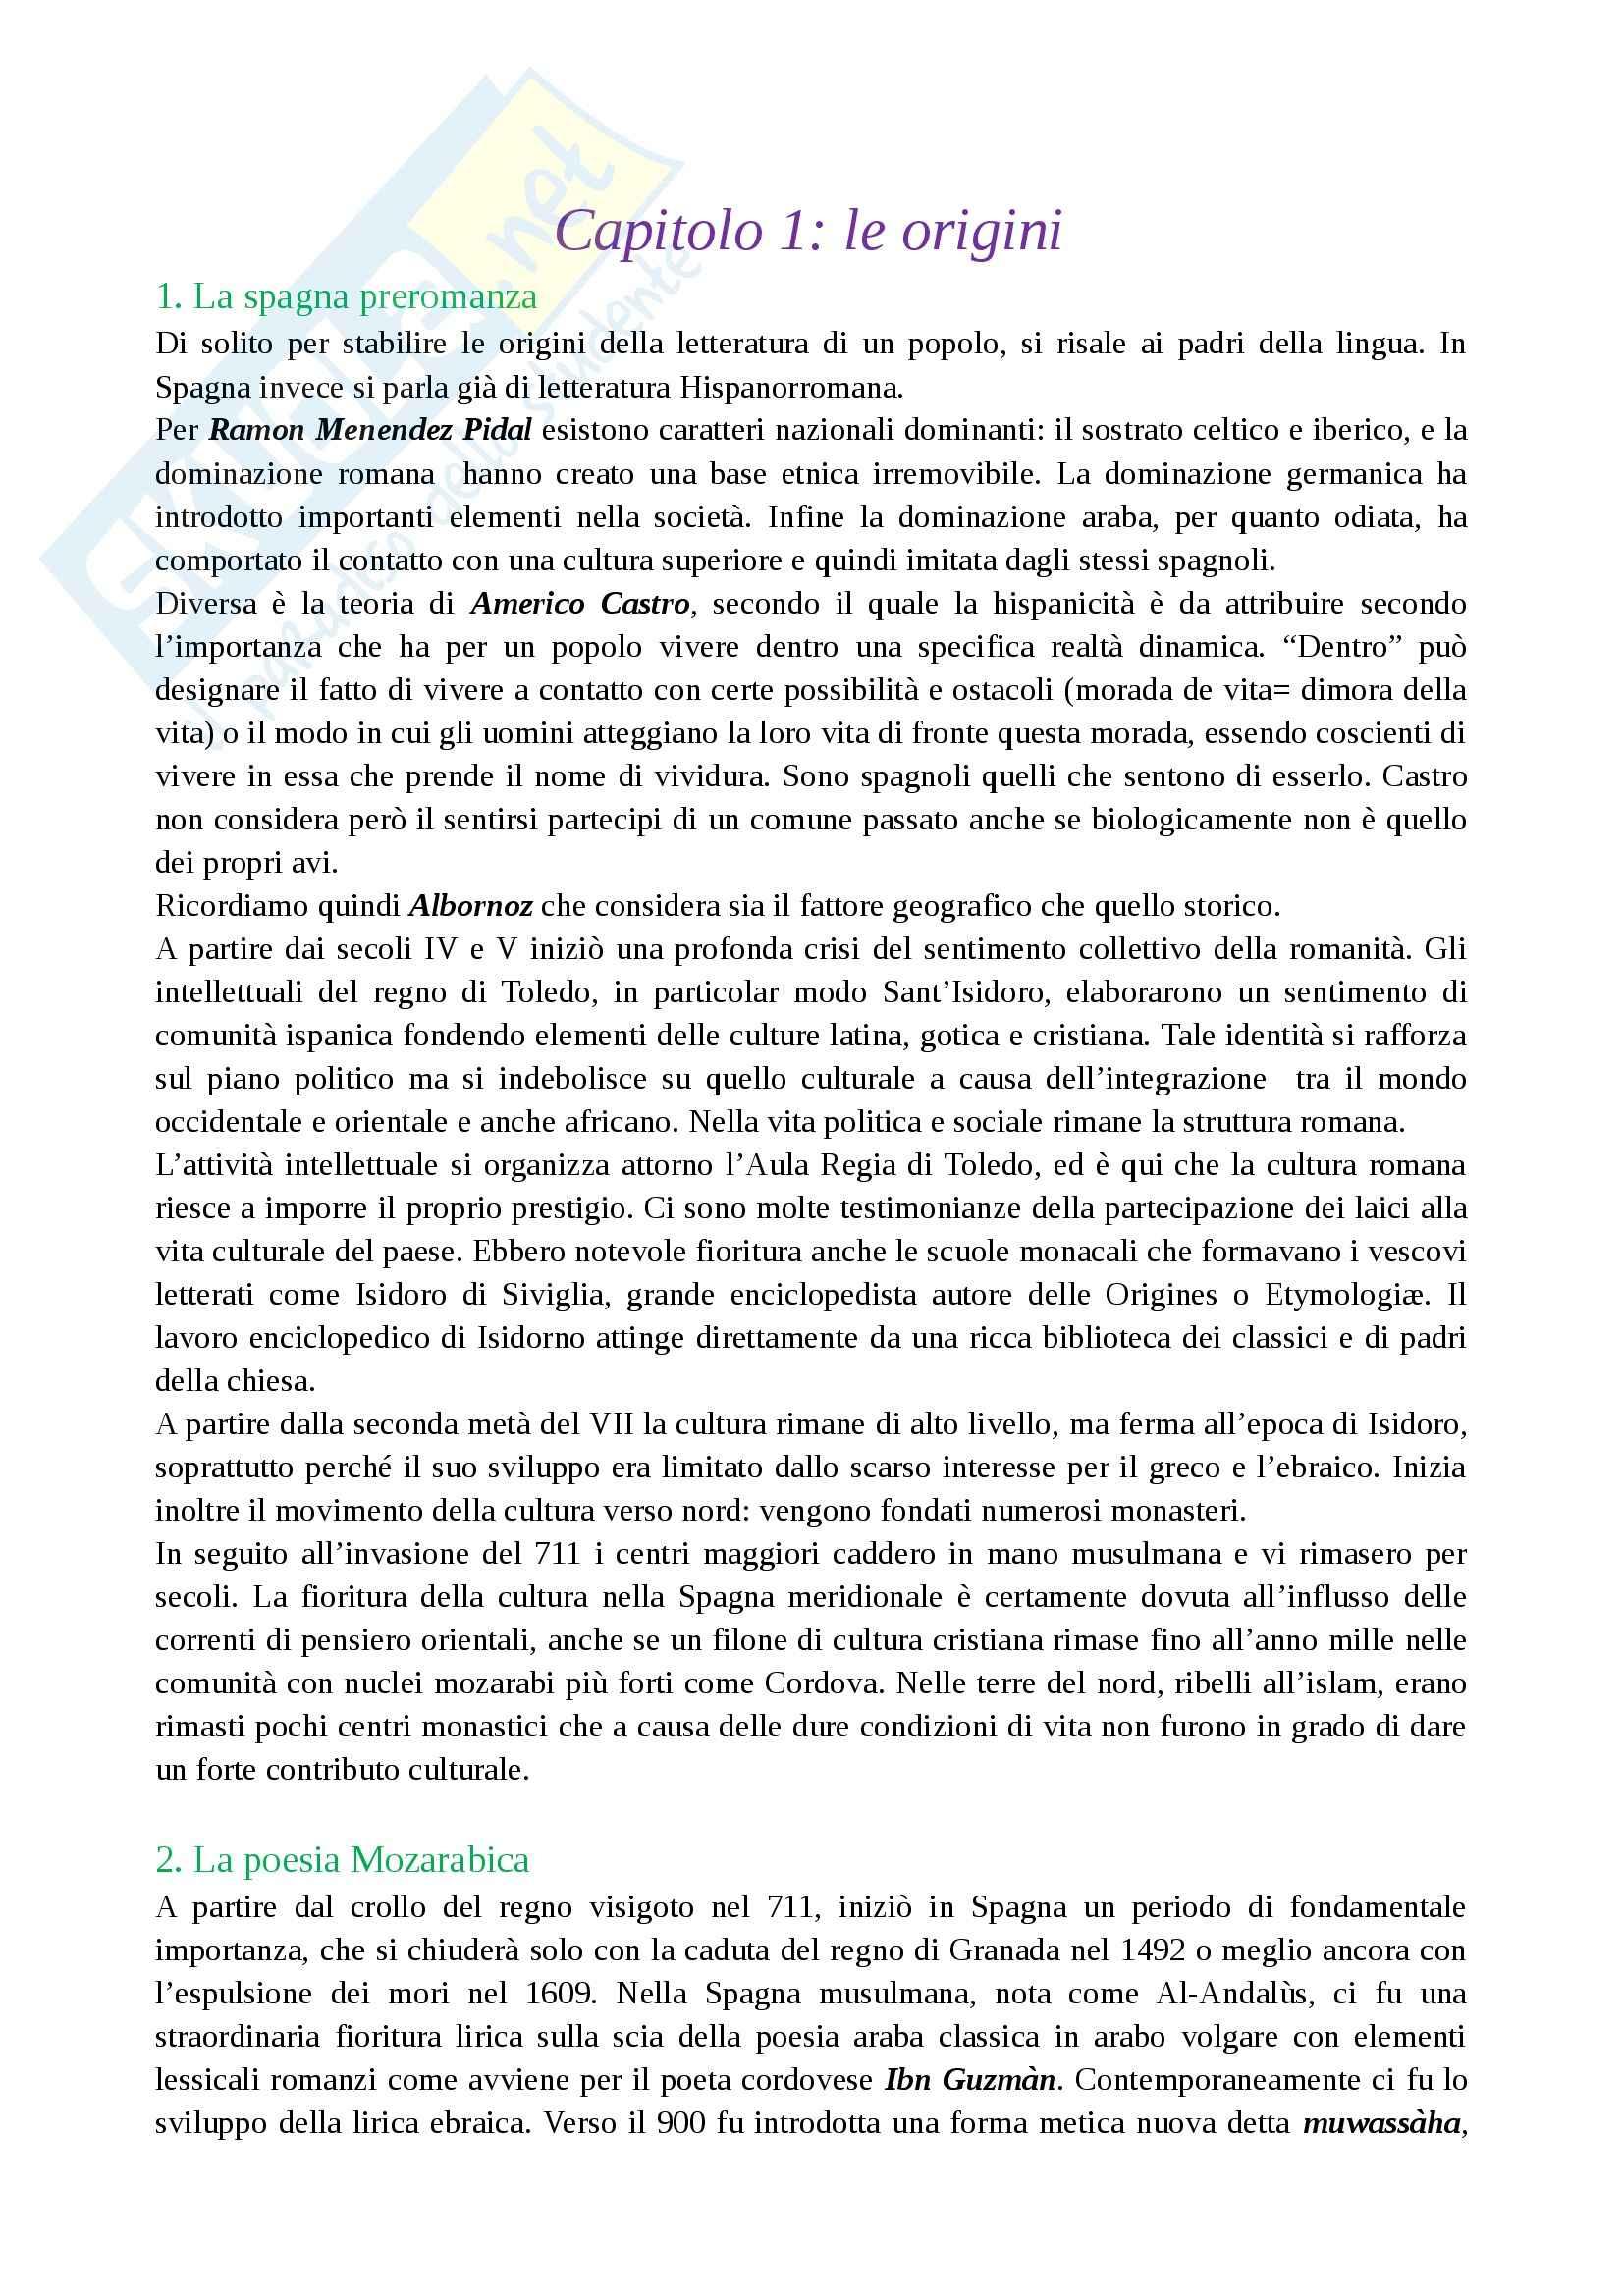 Letteratura spagnola I - Dalla Spagna preromanza al romanzo cavalleresco